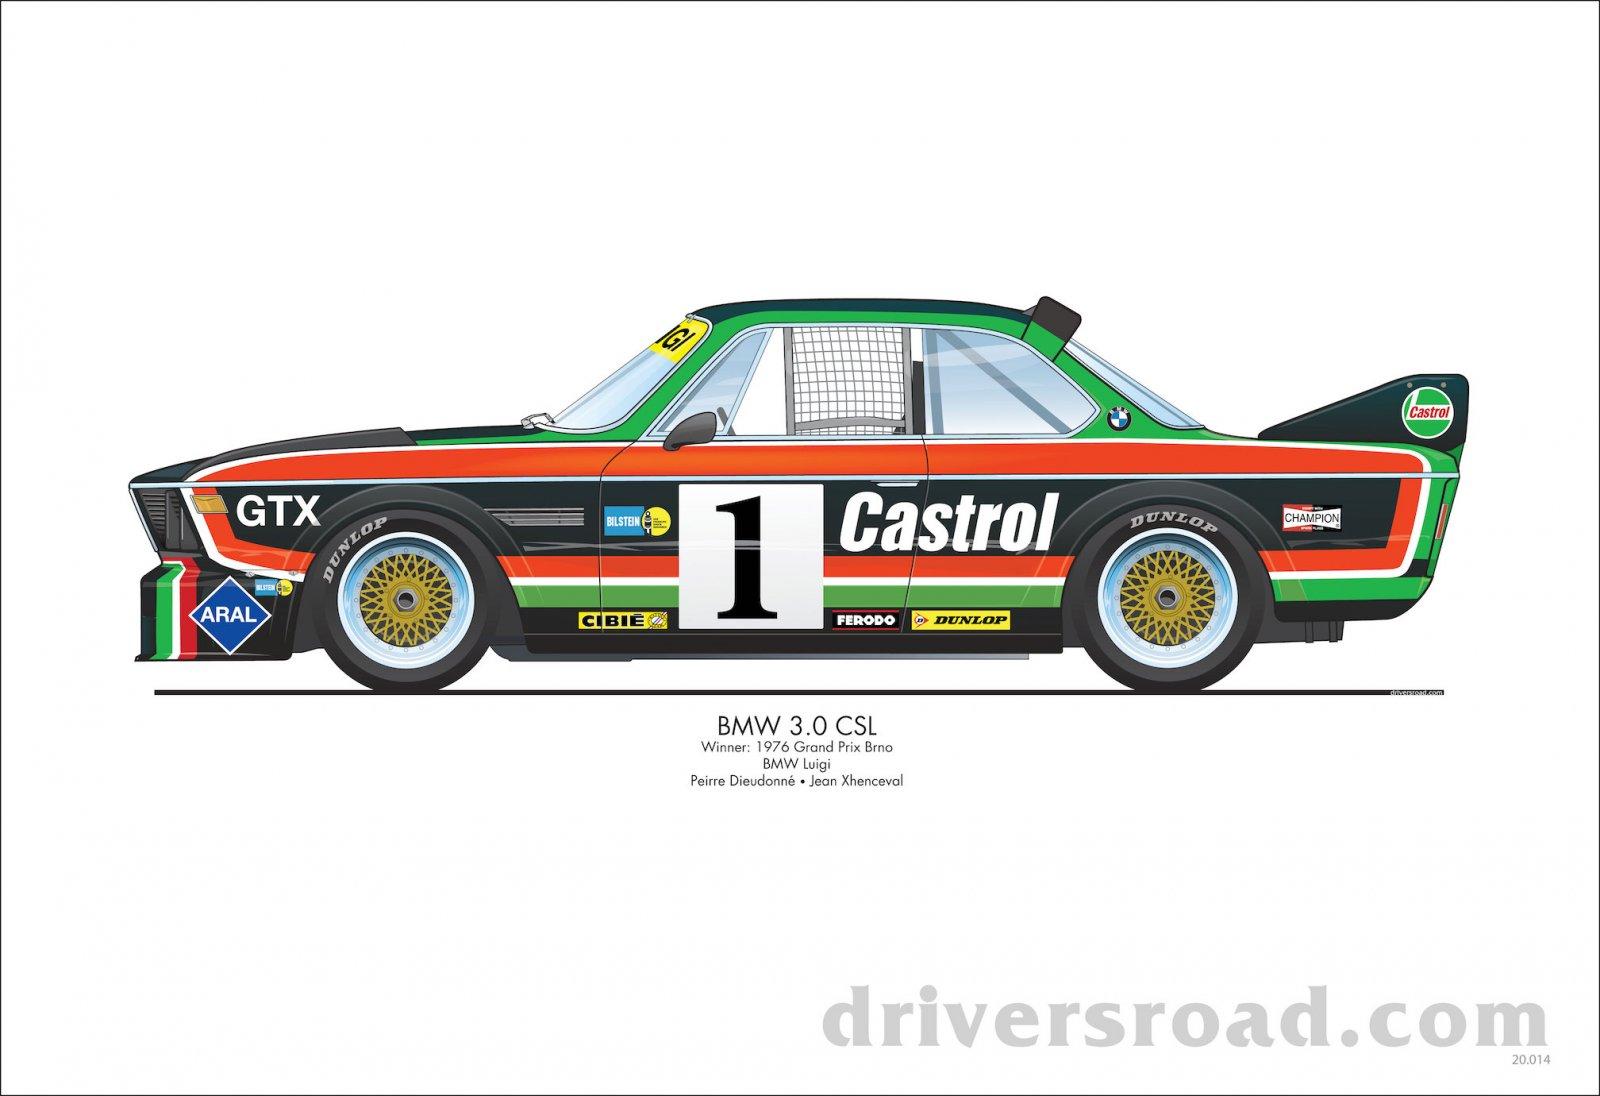 20.014-BMWCSL-Walker copy.jpg